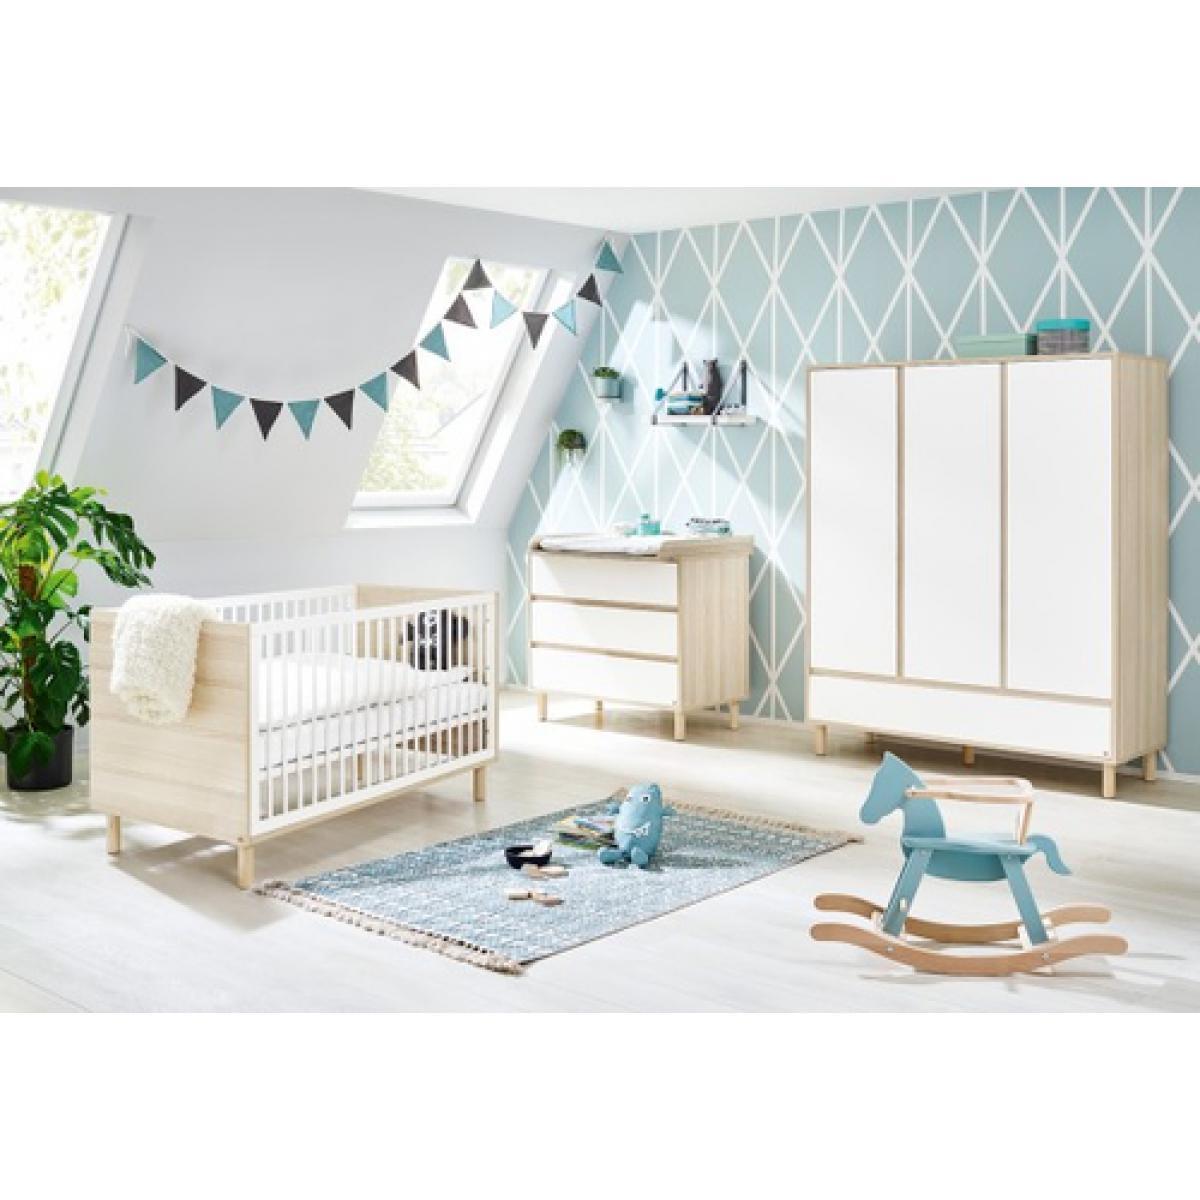 Pinolino Pinolino Chambre de bébé Flow 3 pièces lit de bébé évolutif commode à langer armoire